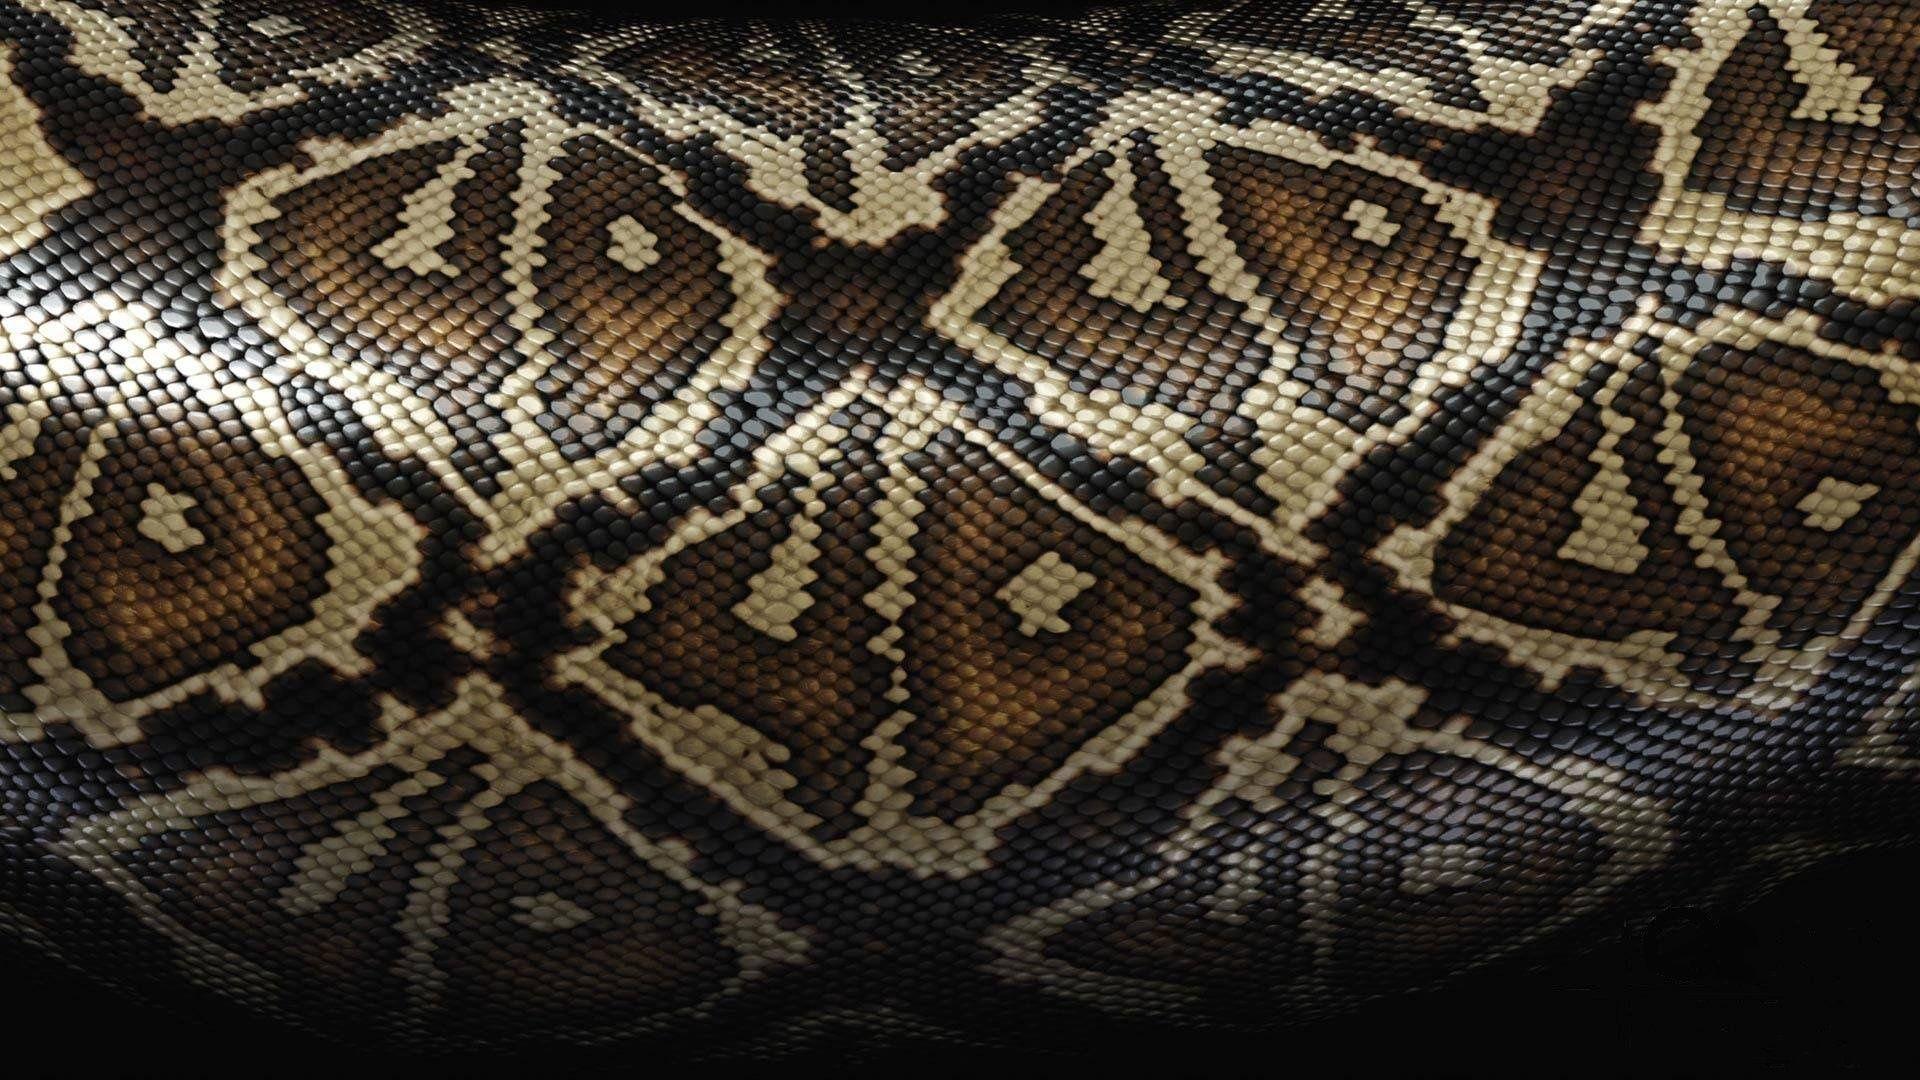 Snake Skin Snake Skin Wallpaper For Desktop And Mobile